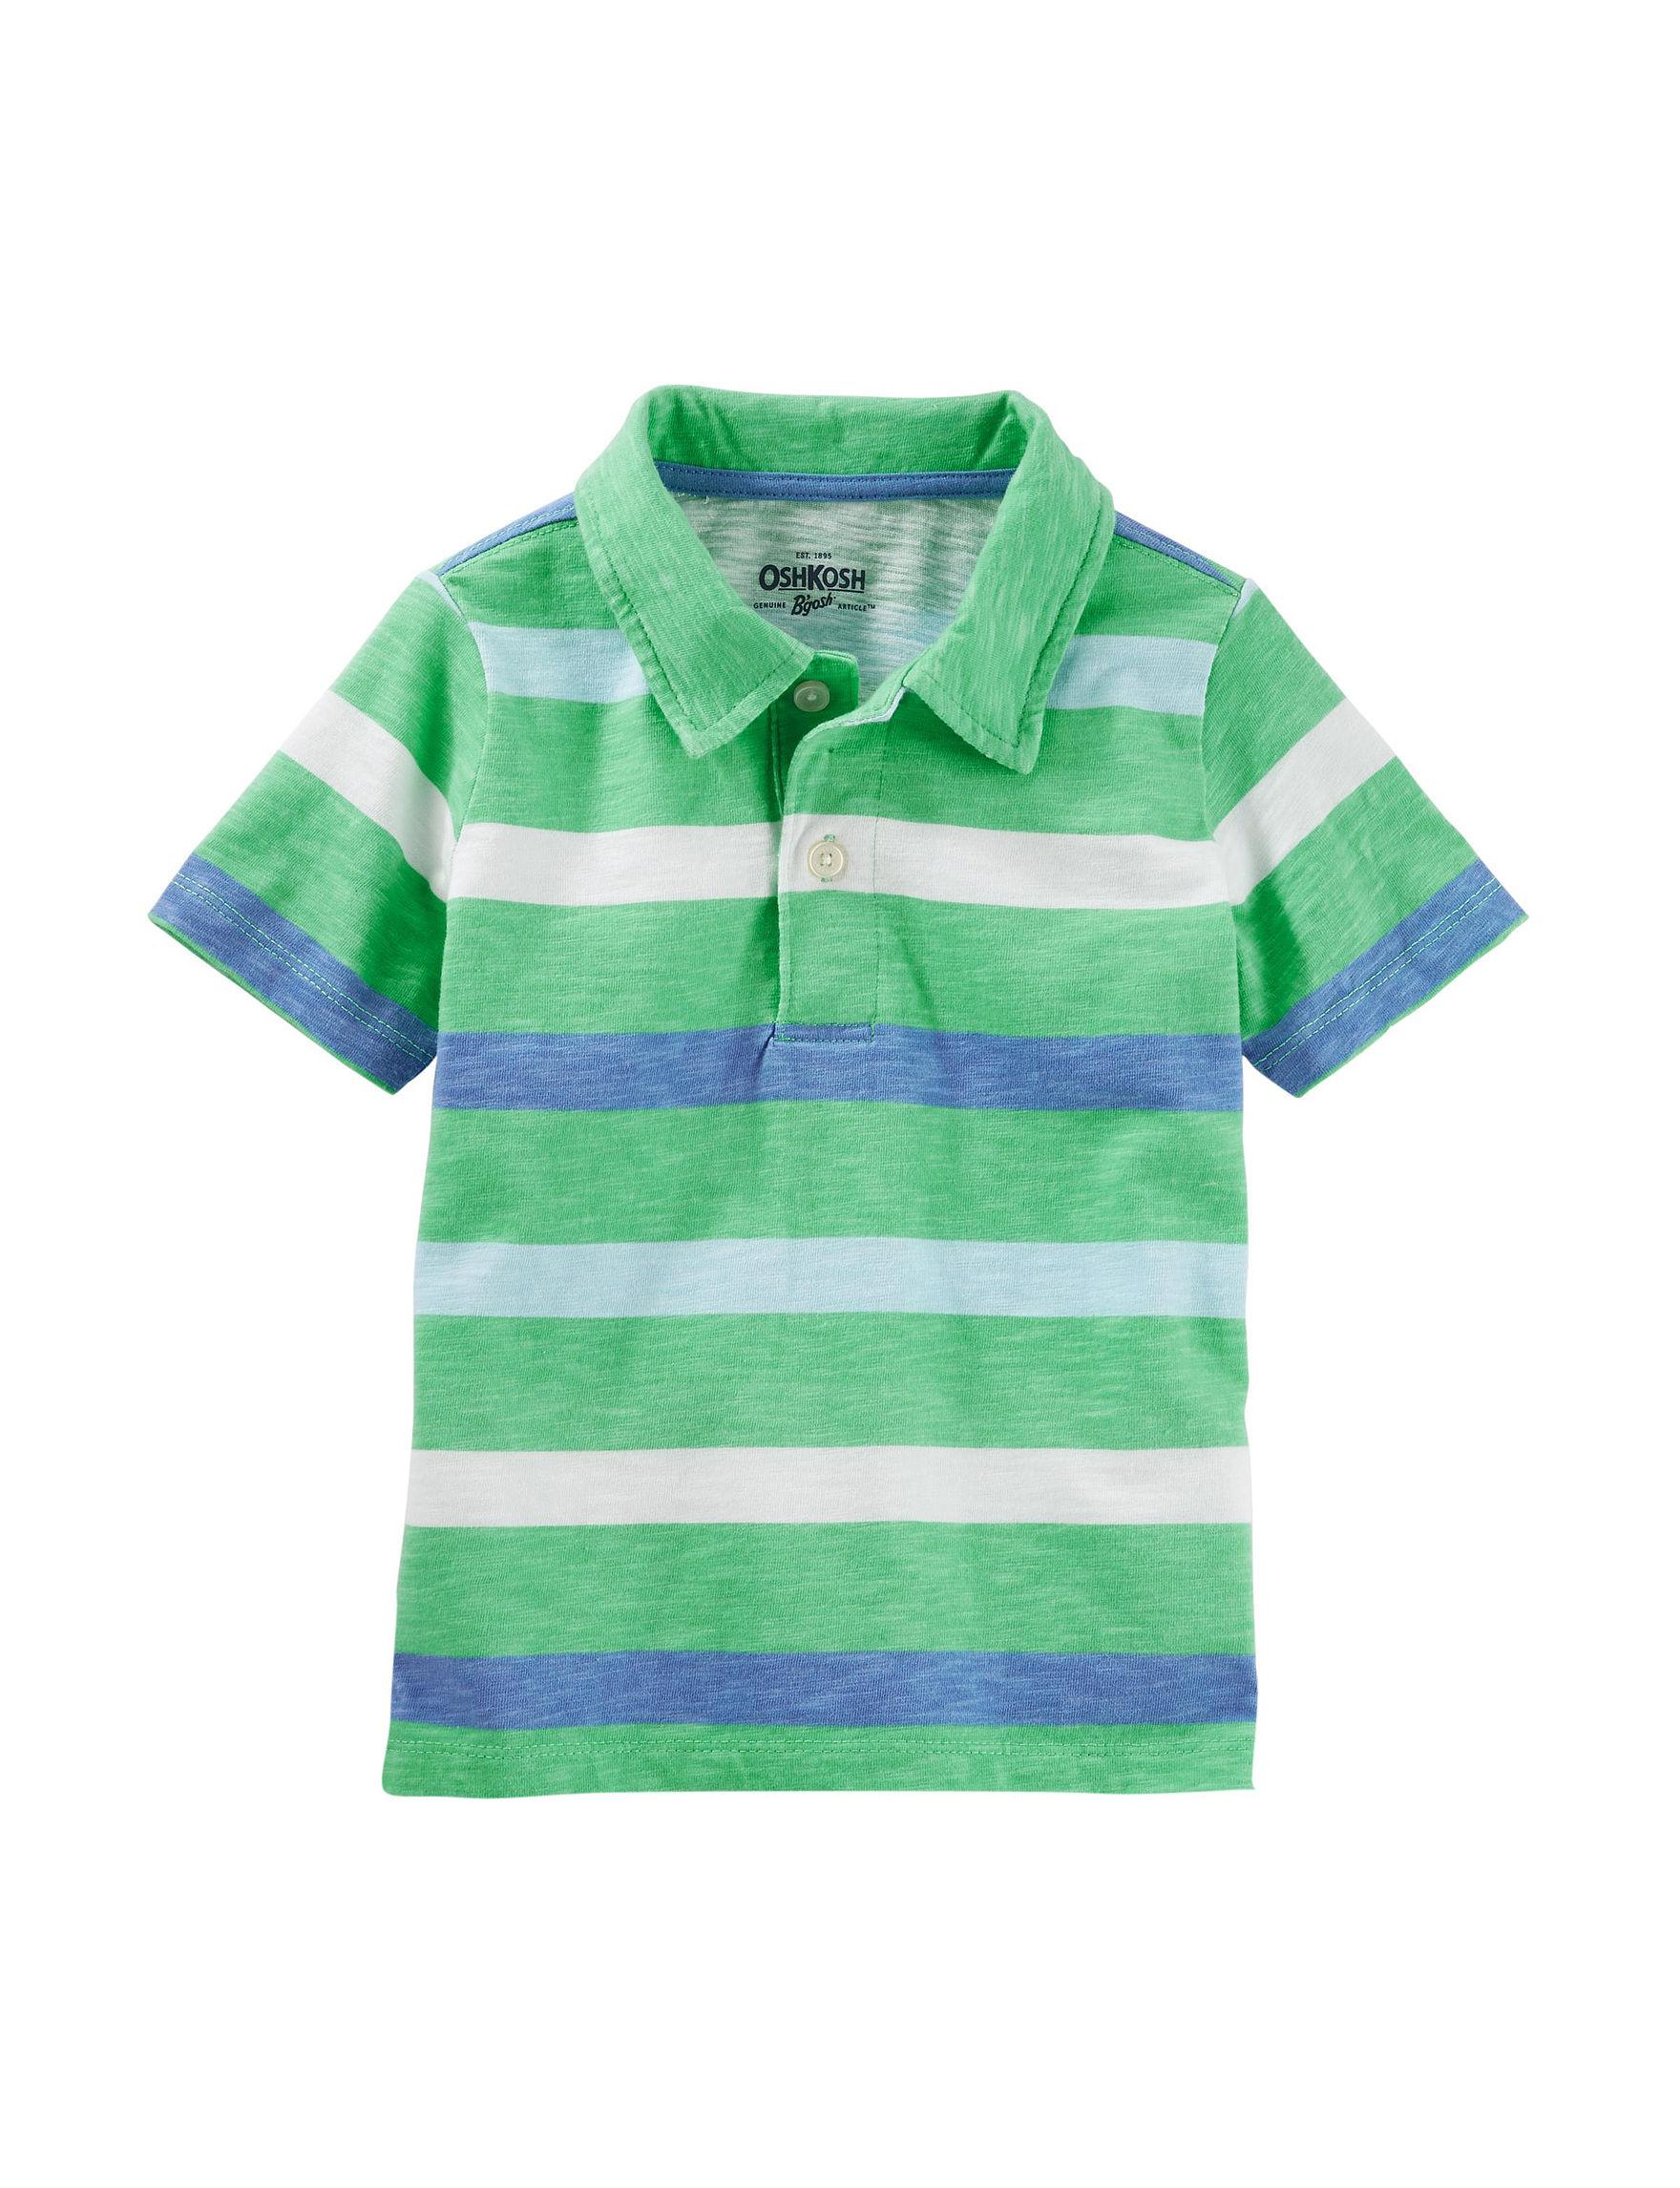 OshKosh BGosh Boys 4-8 Jersey Short Sleeve Polo